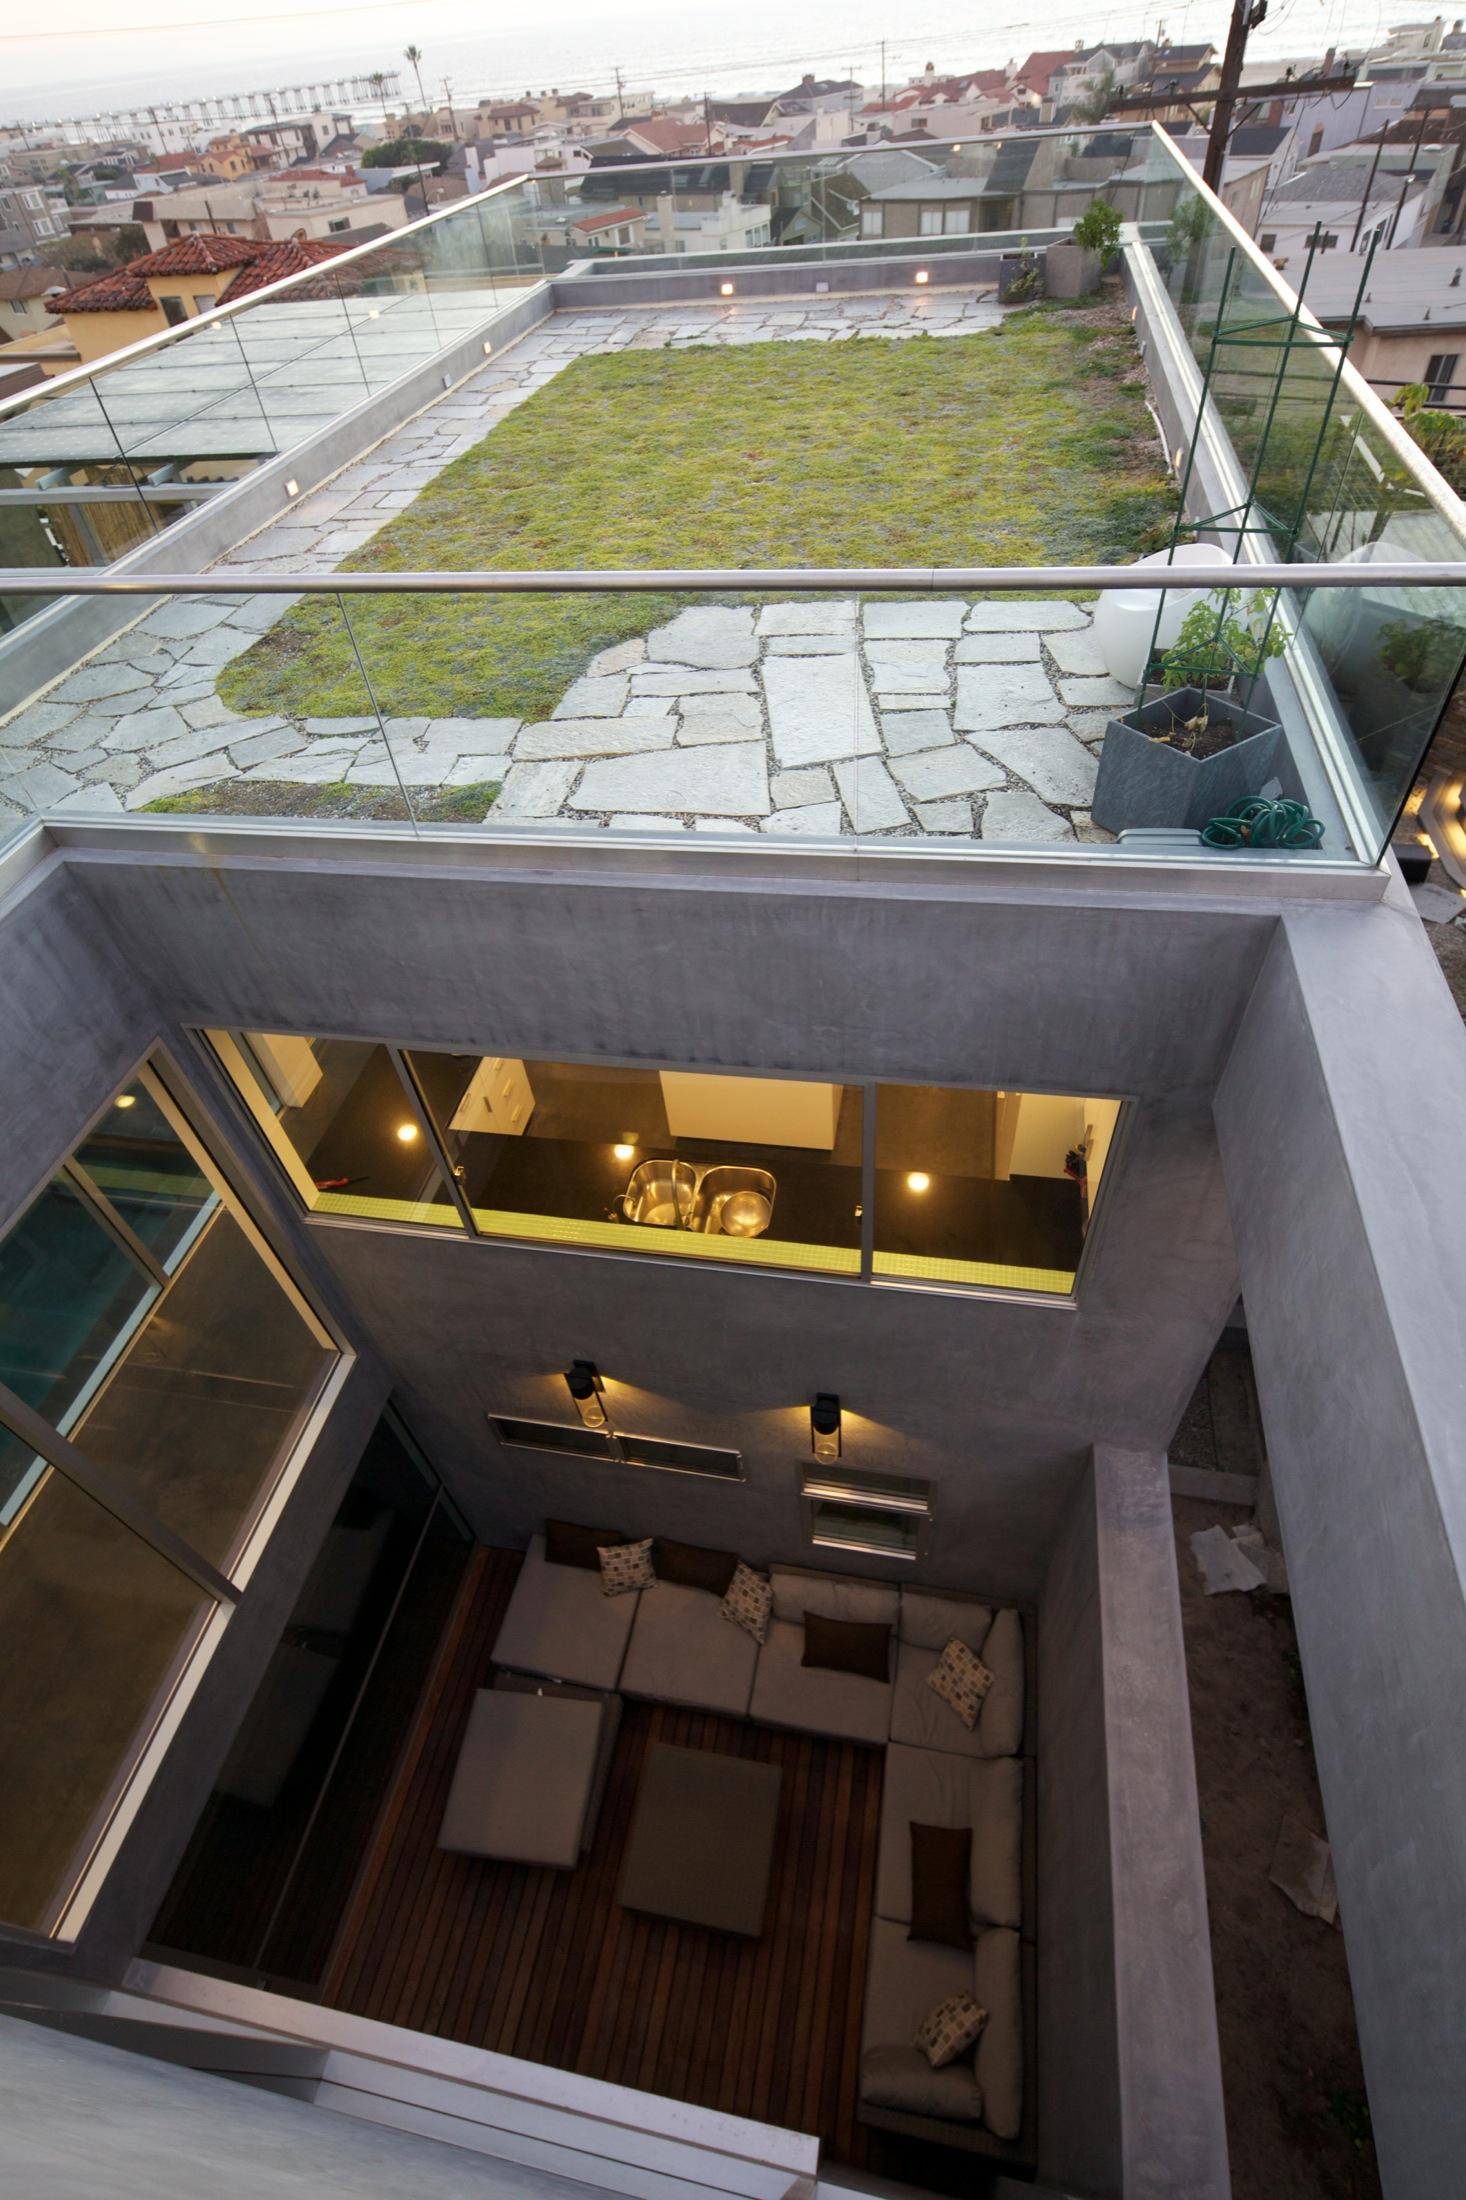 Hermosa_House_photocredit_Carson_Leh.jpg 9.jpg